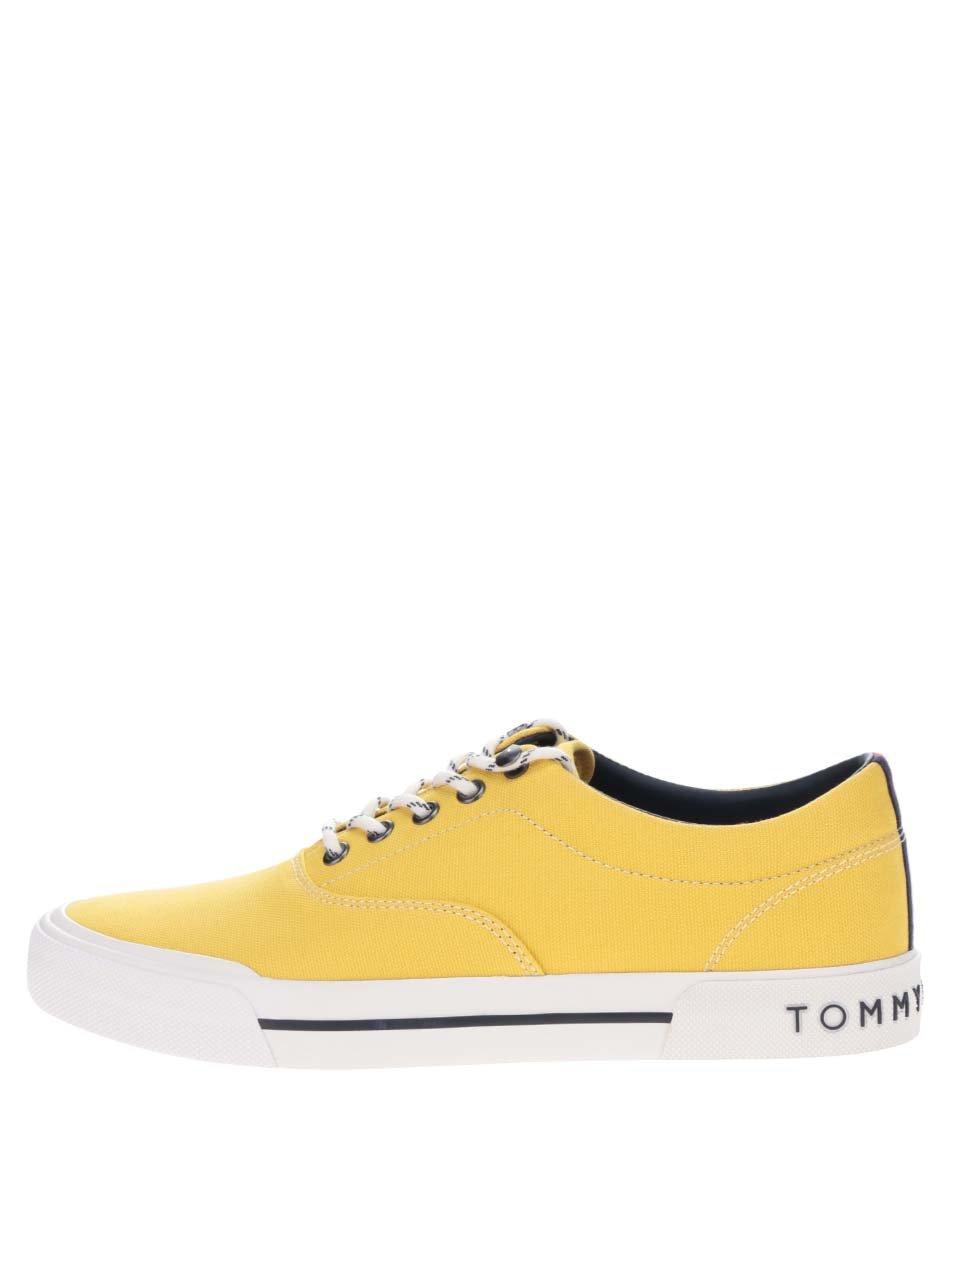 Žluté pánské tenisky Tommy Hilfiger